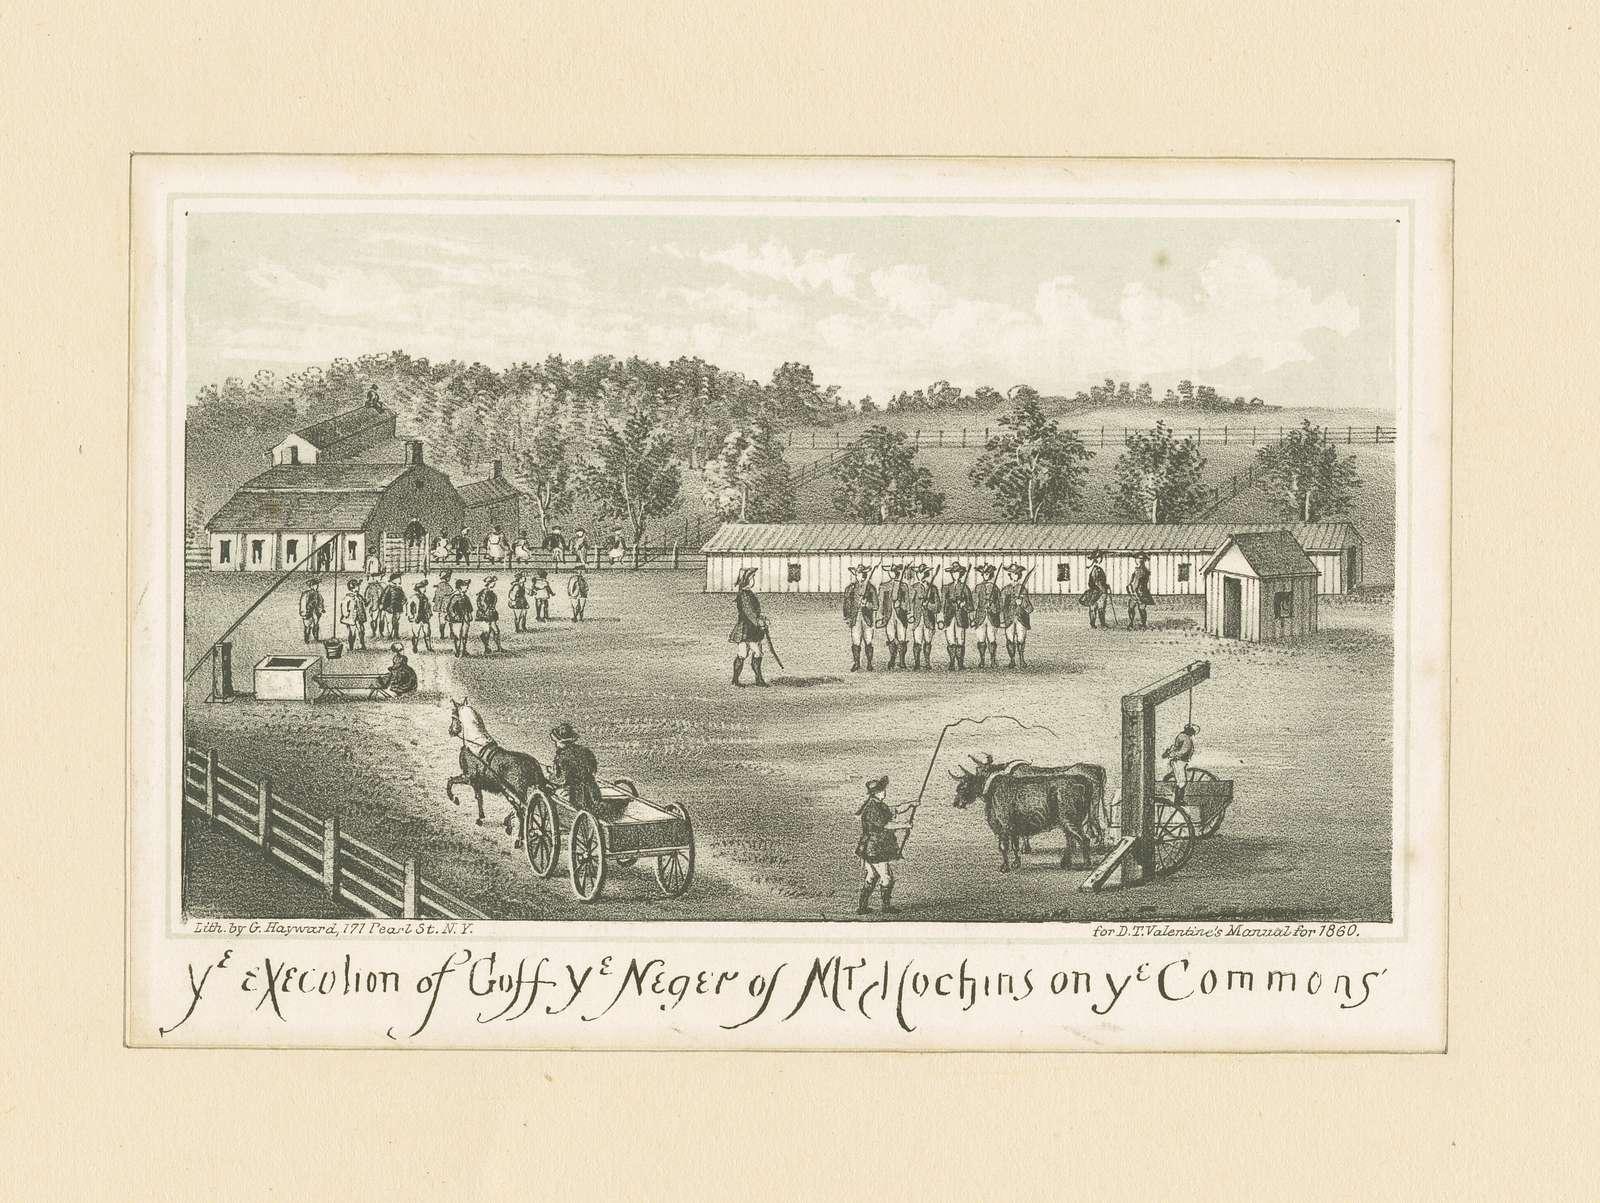 Ye execution of Goff ye neger of Mr. Hochins on ye common